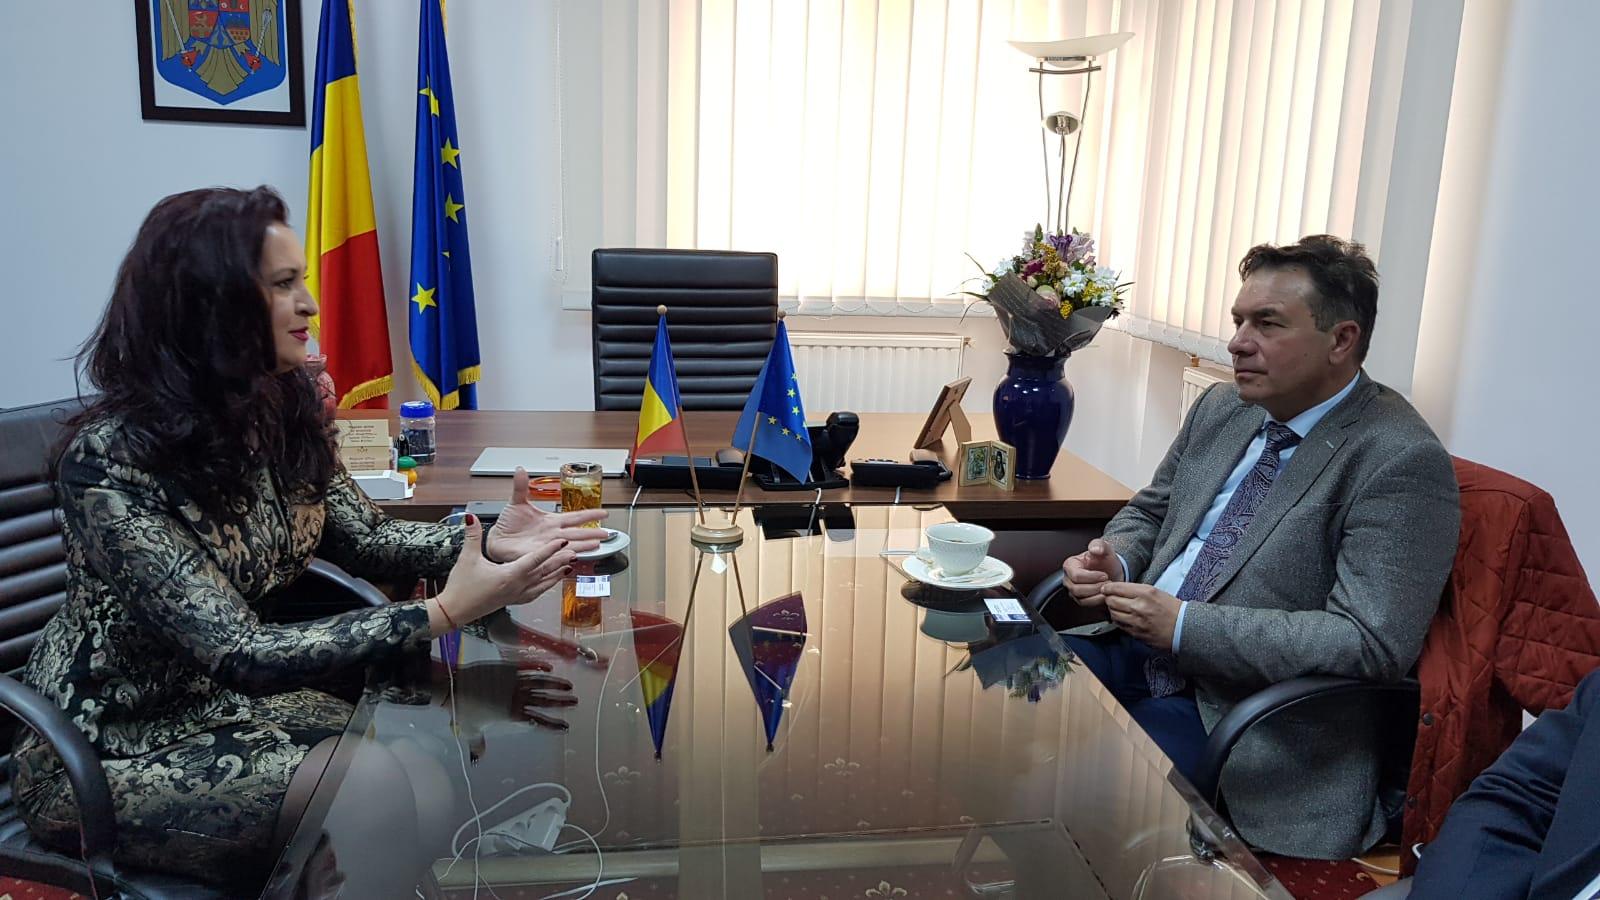 Întrevedere între ministrul pentru Românii de Pretutindeni și reprezentanți ai UMFST Târgu Mureș